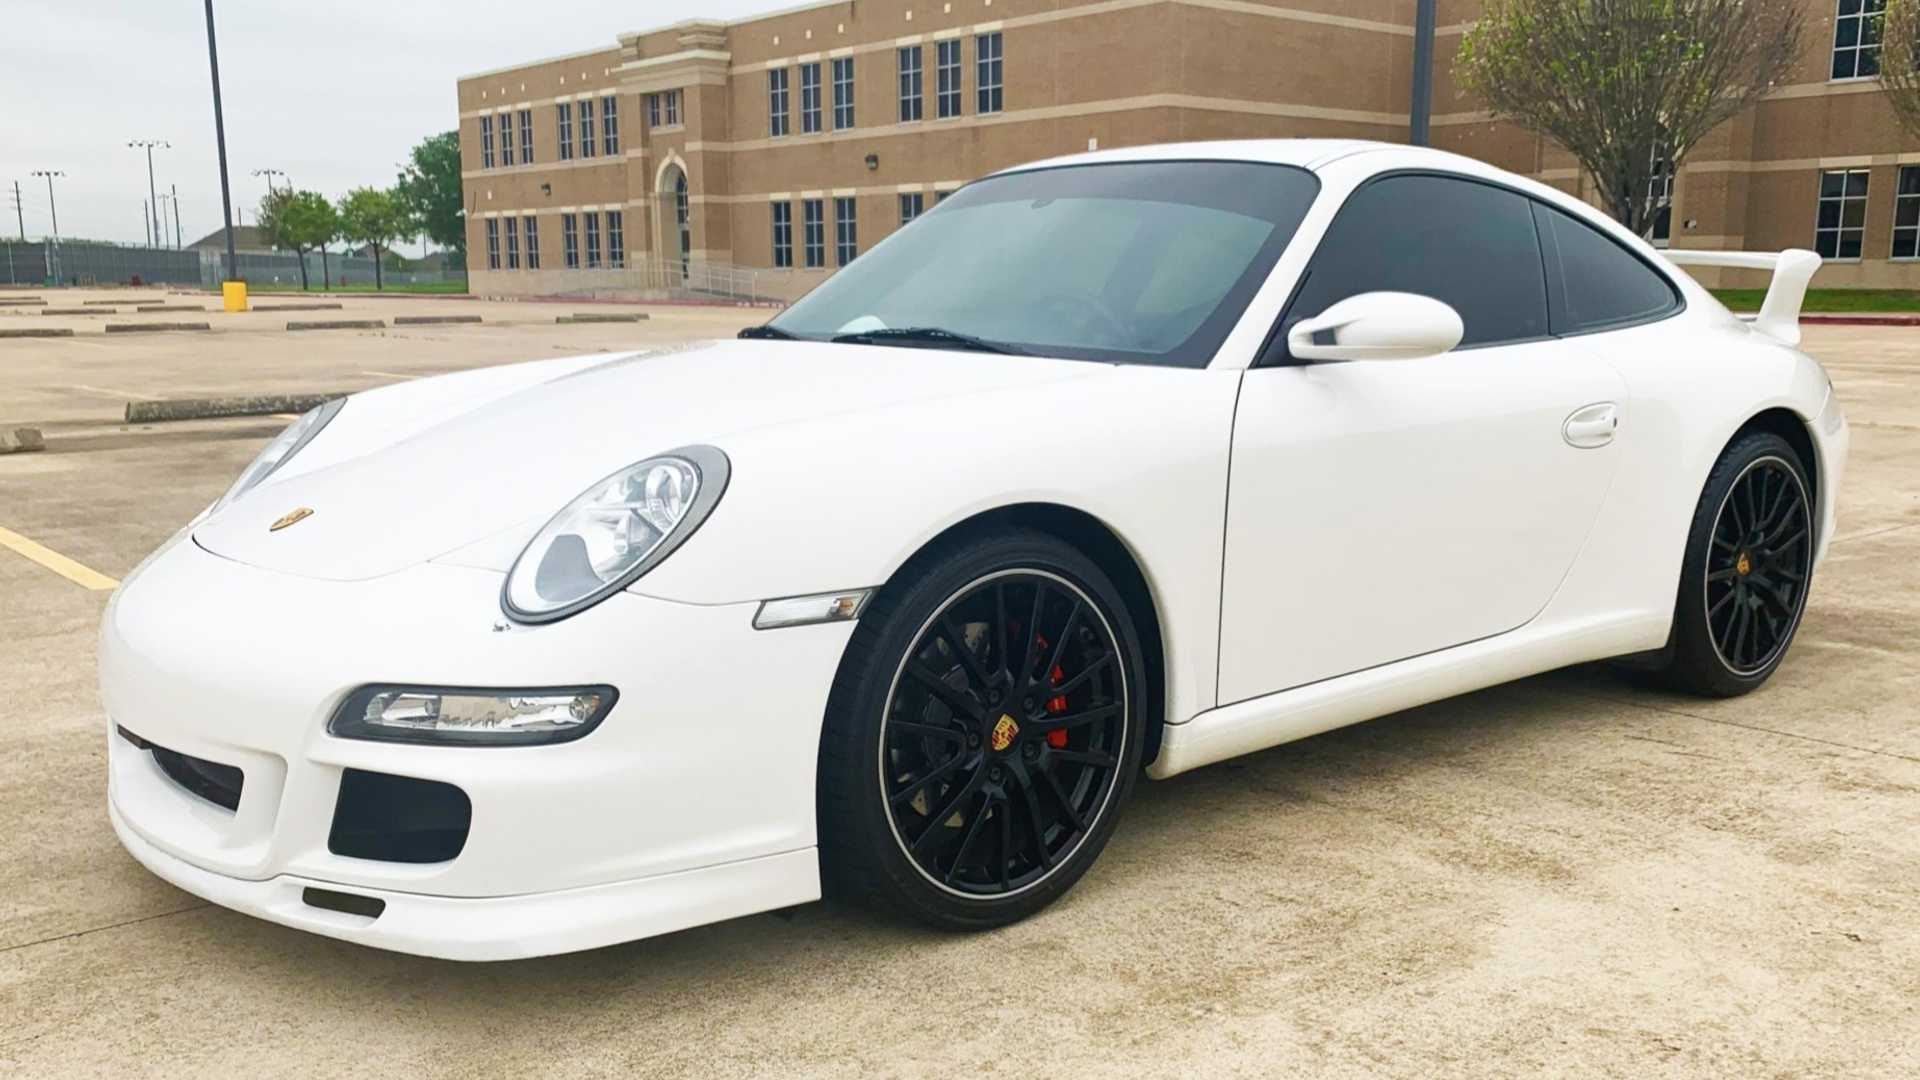 Neste peculiar Porsche 911 Carrera S o lugar do condutor é ao centro